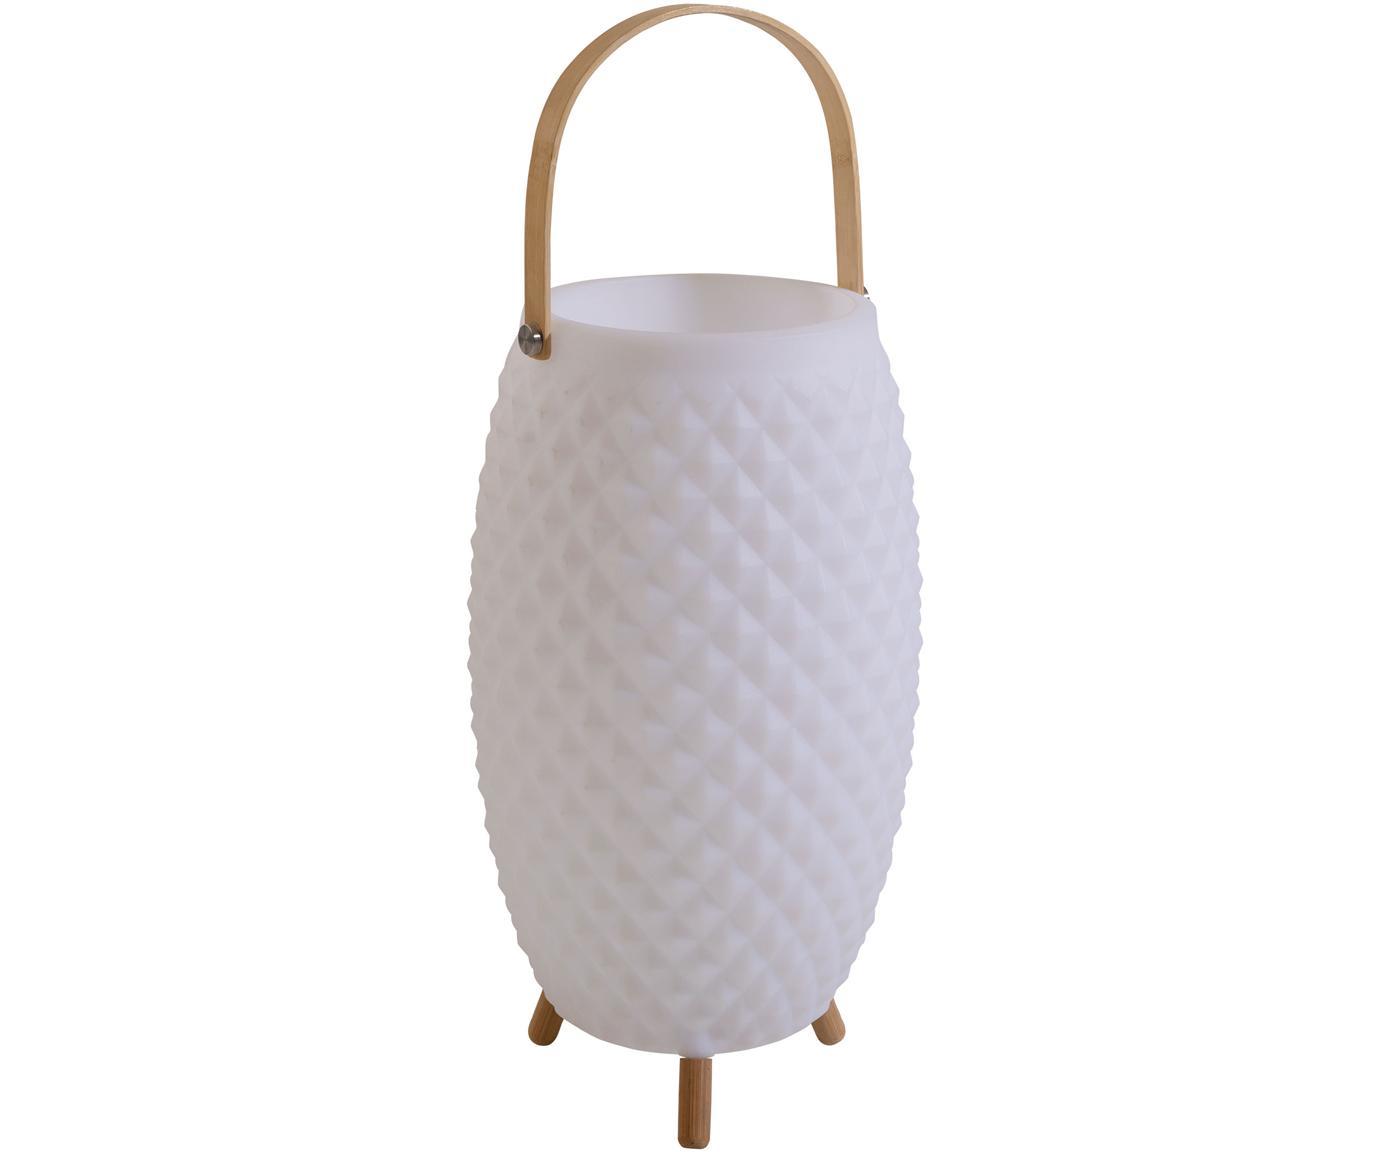 Zewnętrzna lampa mobilna LED z głośnikiem Cooldown, Tworzywo sztuczne, drewno kauczukowe, Biały, Ø 25 x W 60 cm